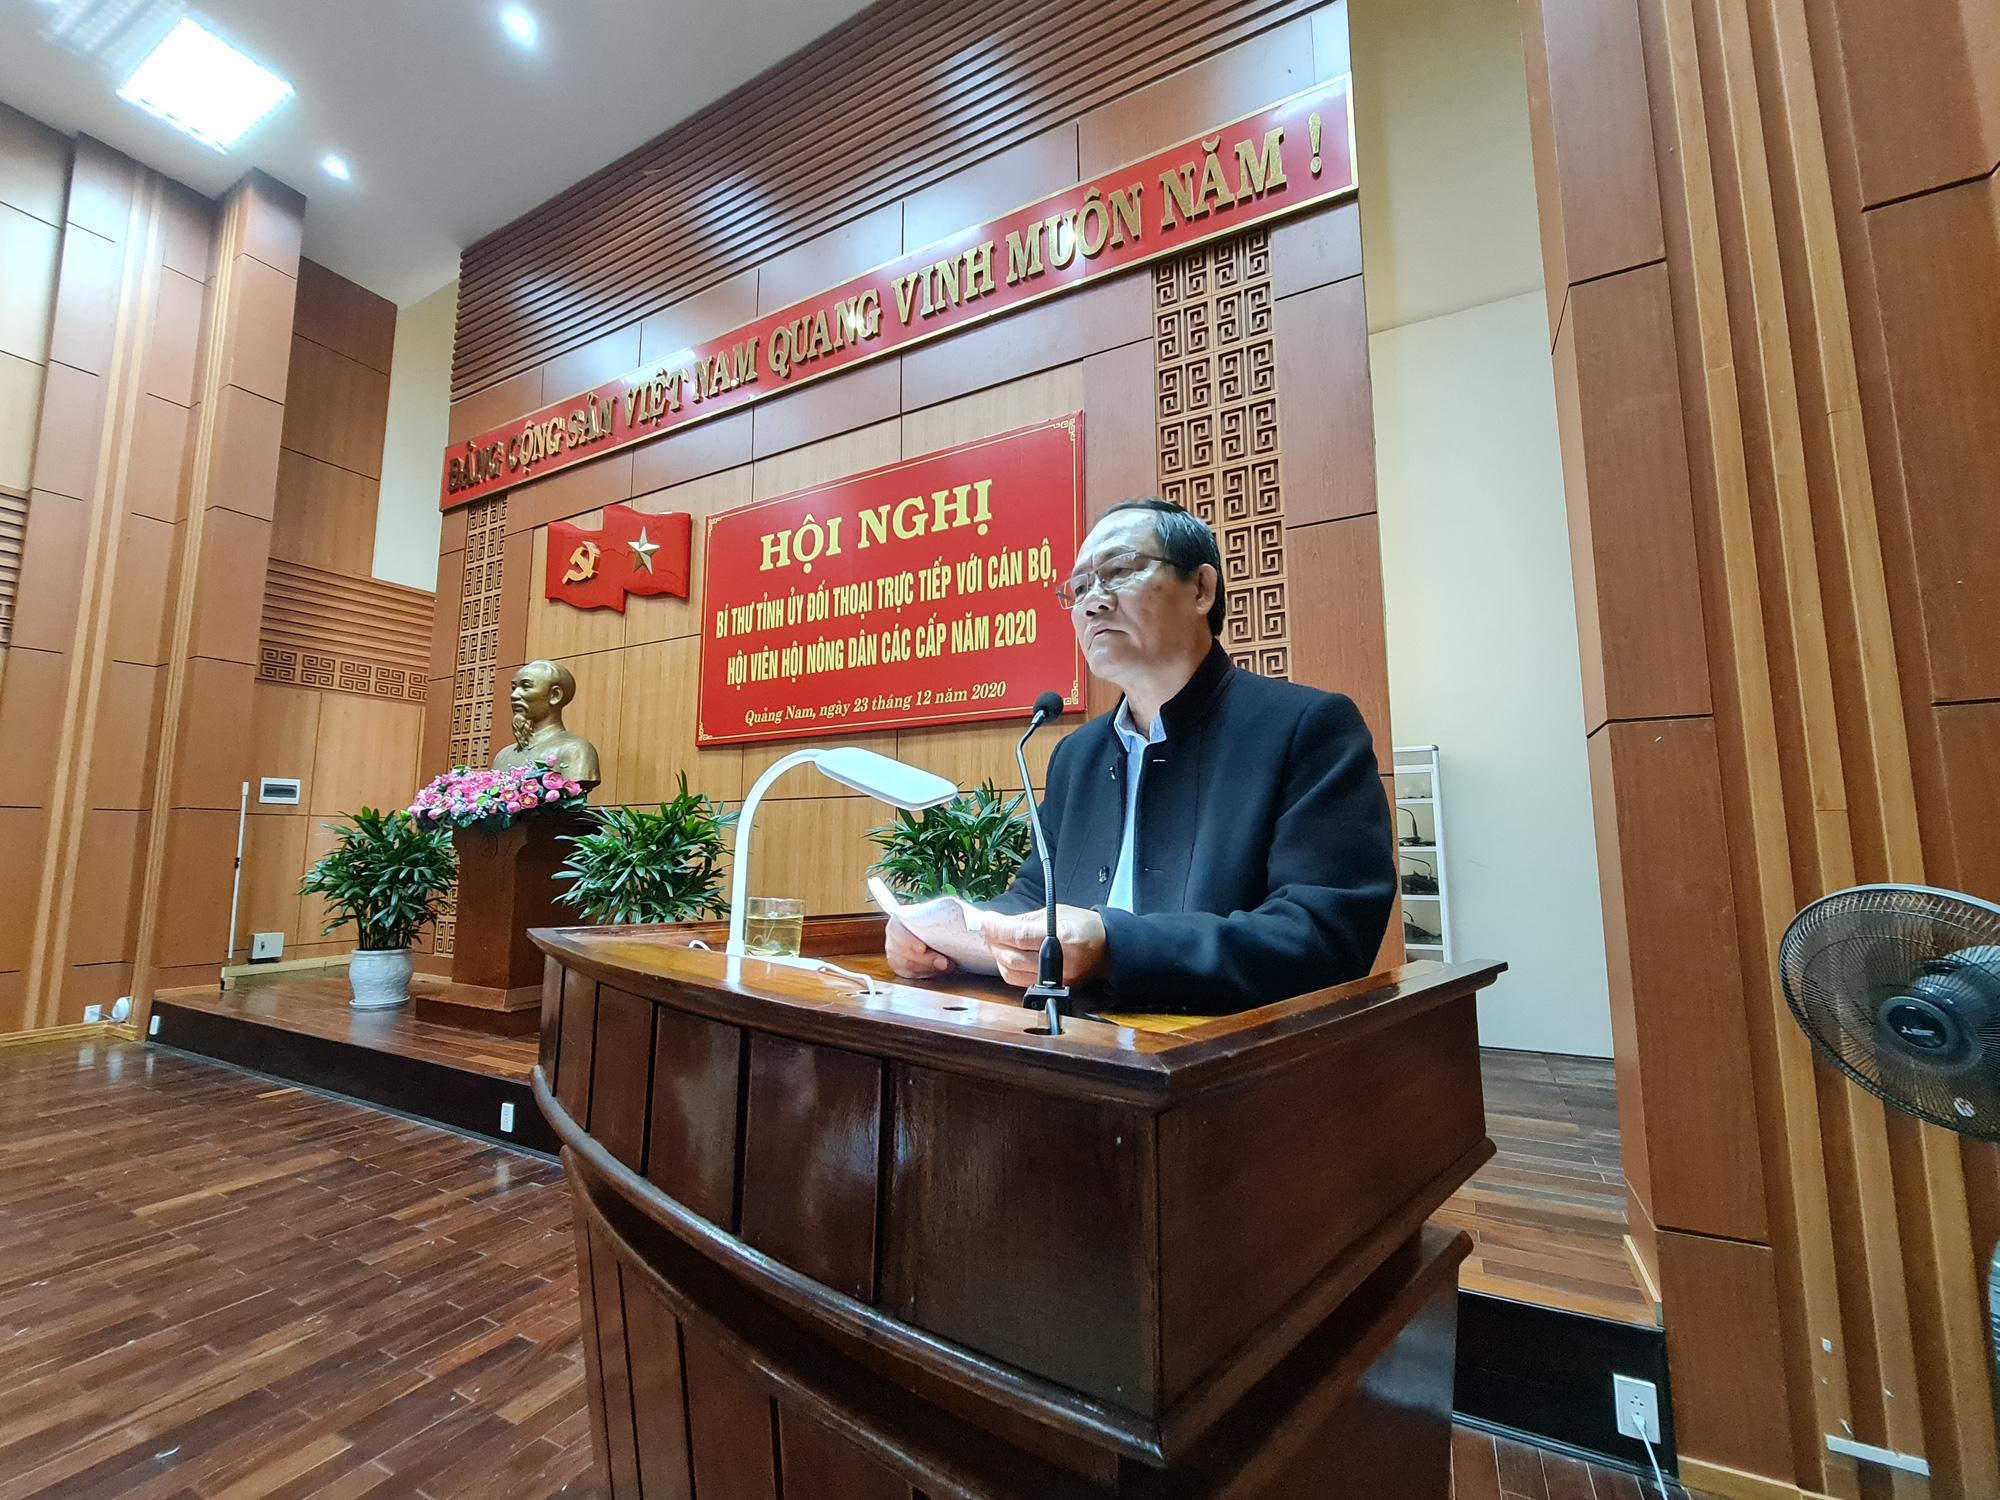 GĐ Sở NNPTNT tỉnh Quảng Nam - Đưa công nghệ cao vào giúp nông dân     - Ảnh 1.